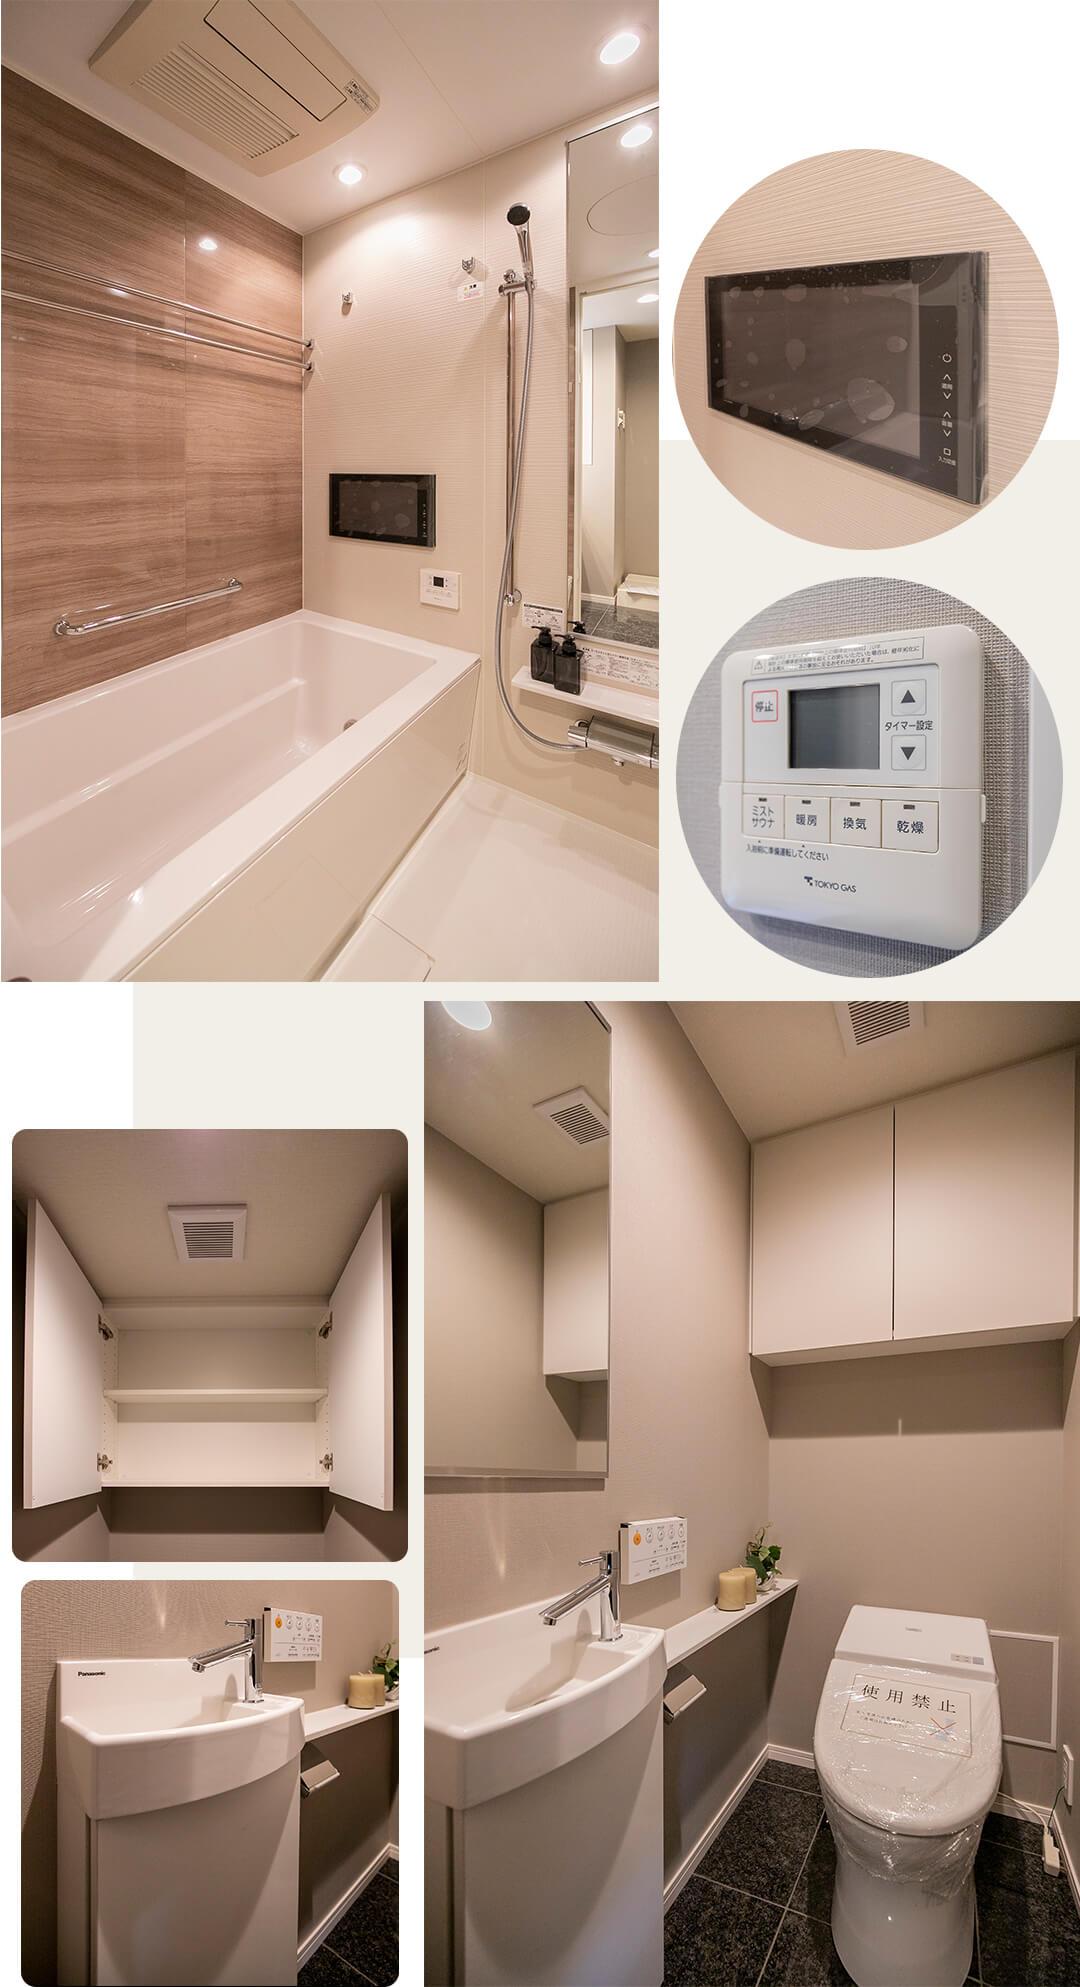 ザ・パークハウスアーバンス御成門の浴室とトイレ